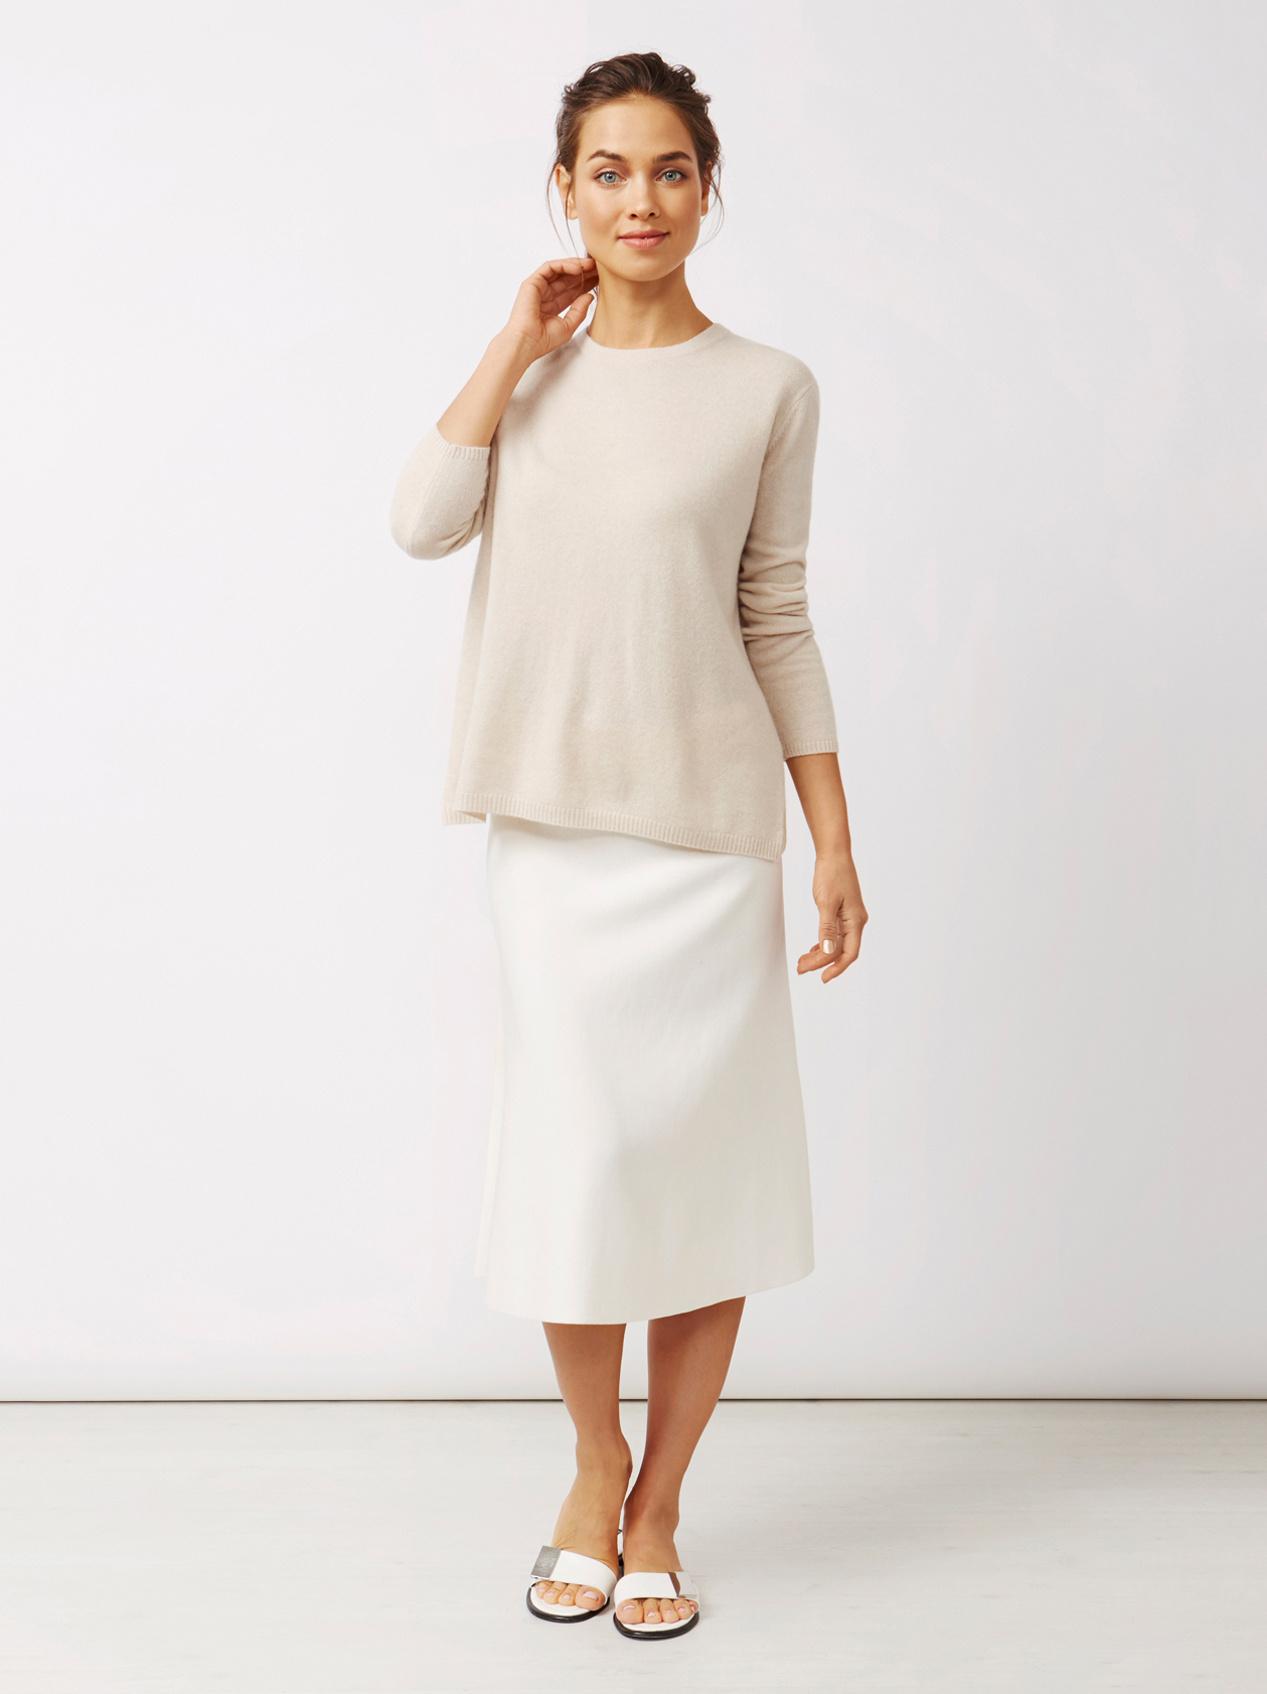 Soft Goat Women's Crossed Back Sweater Beige